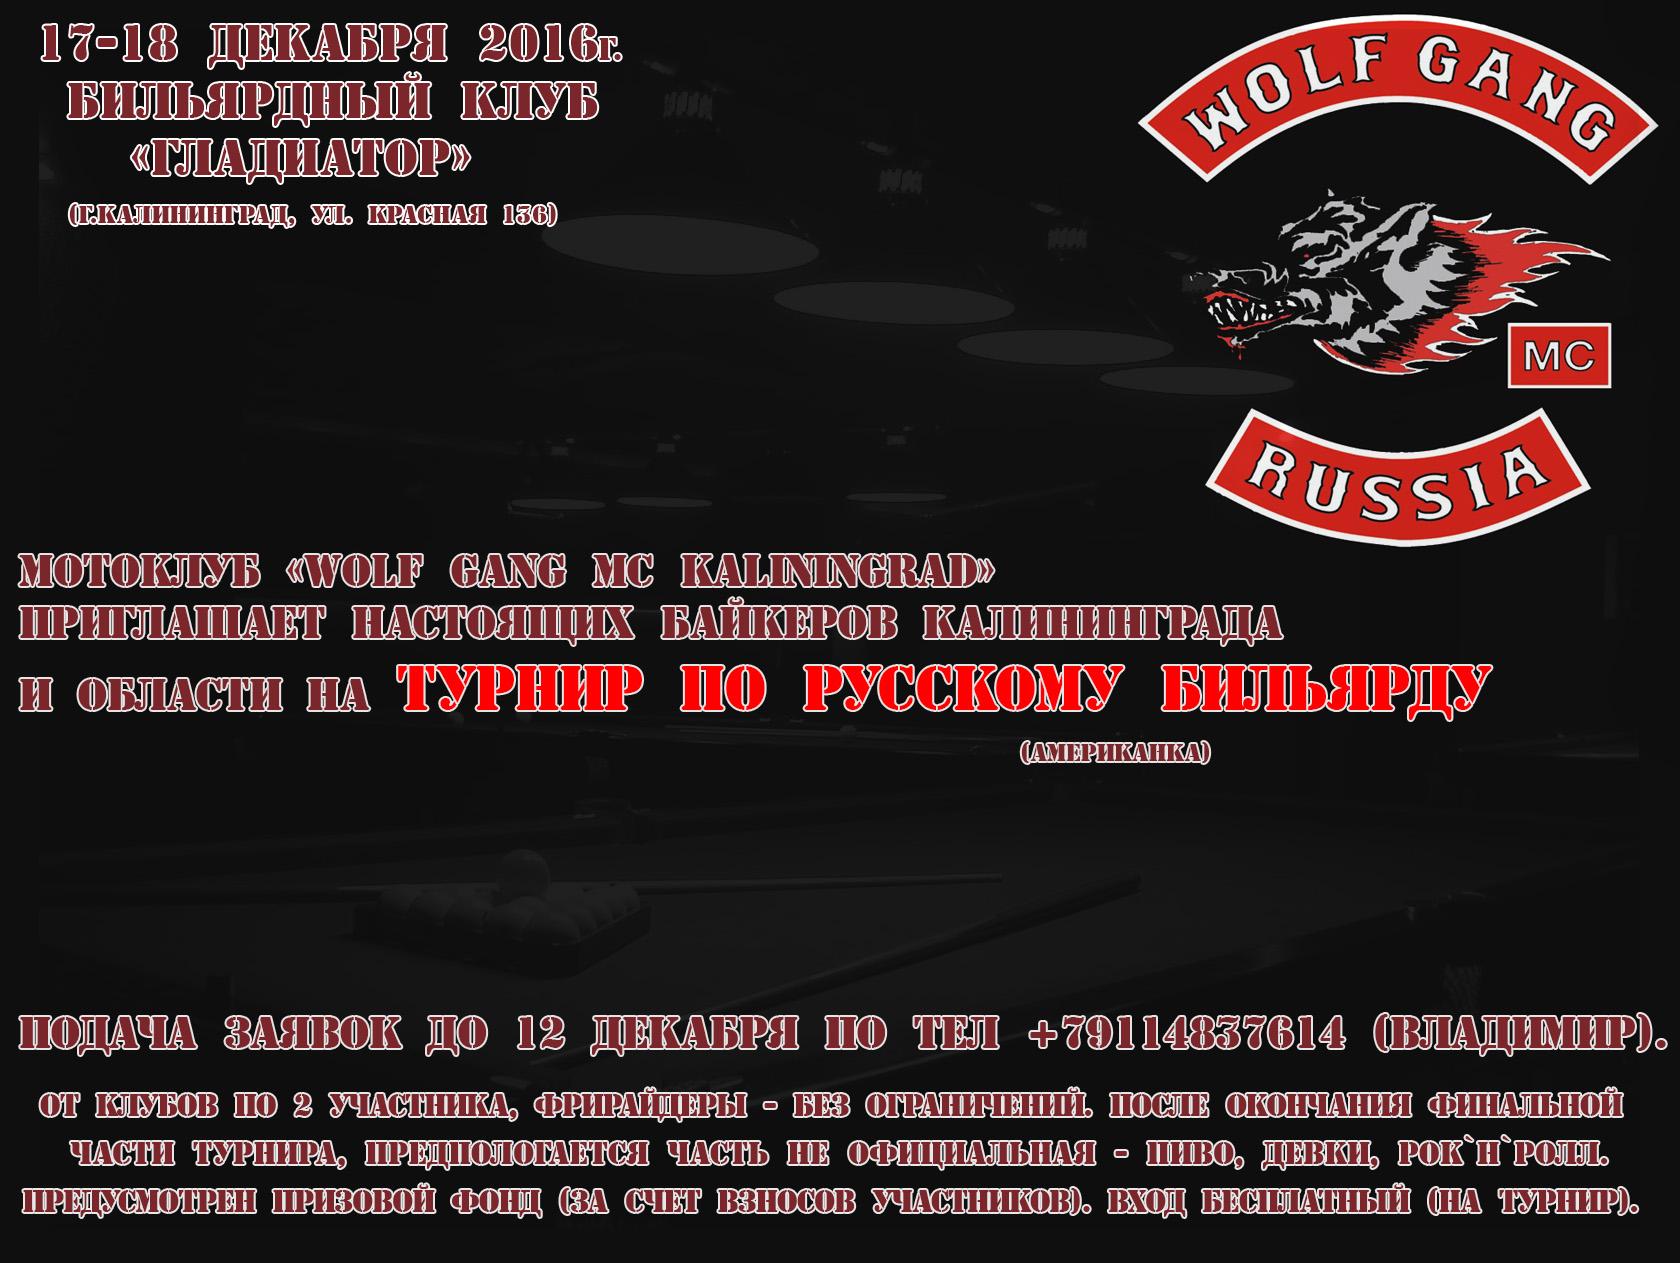 17-18 декабря турнир по русскому бильярду.